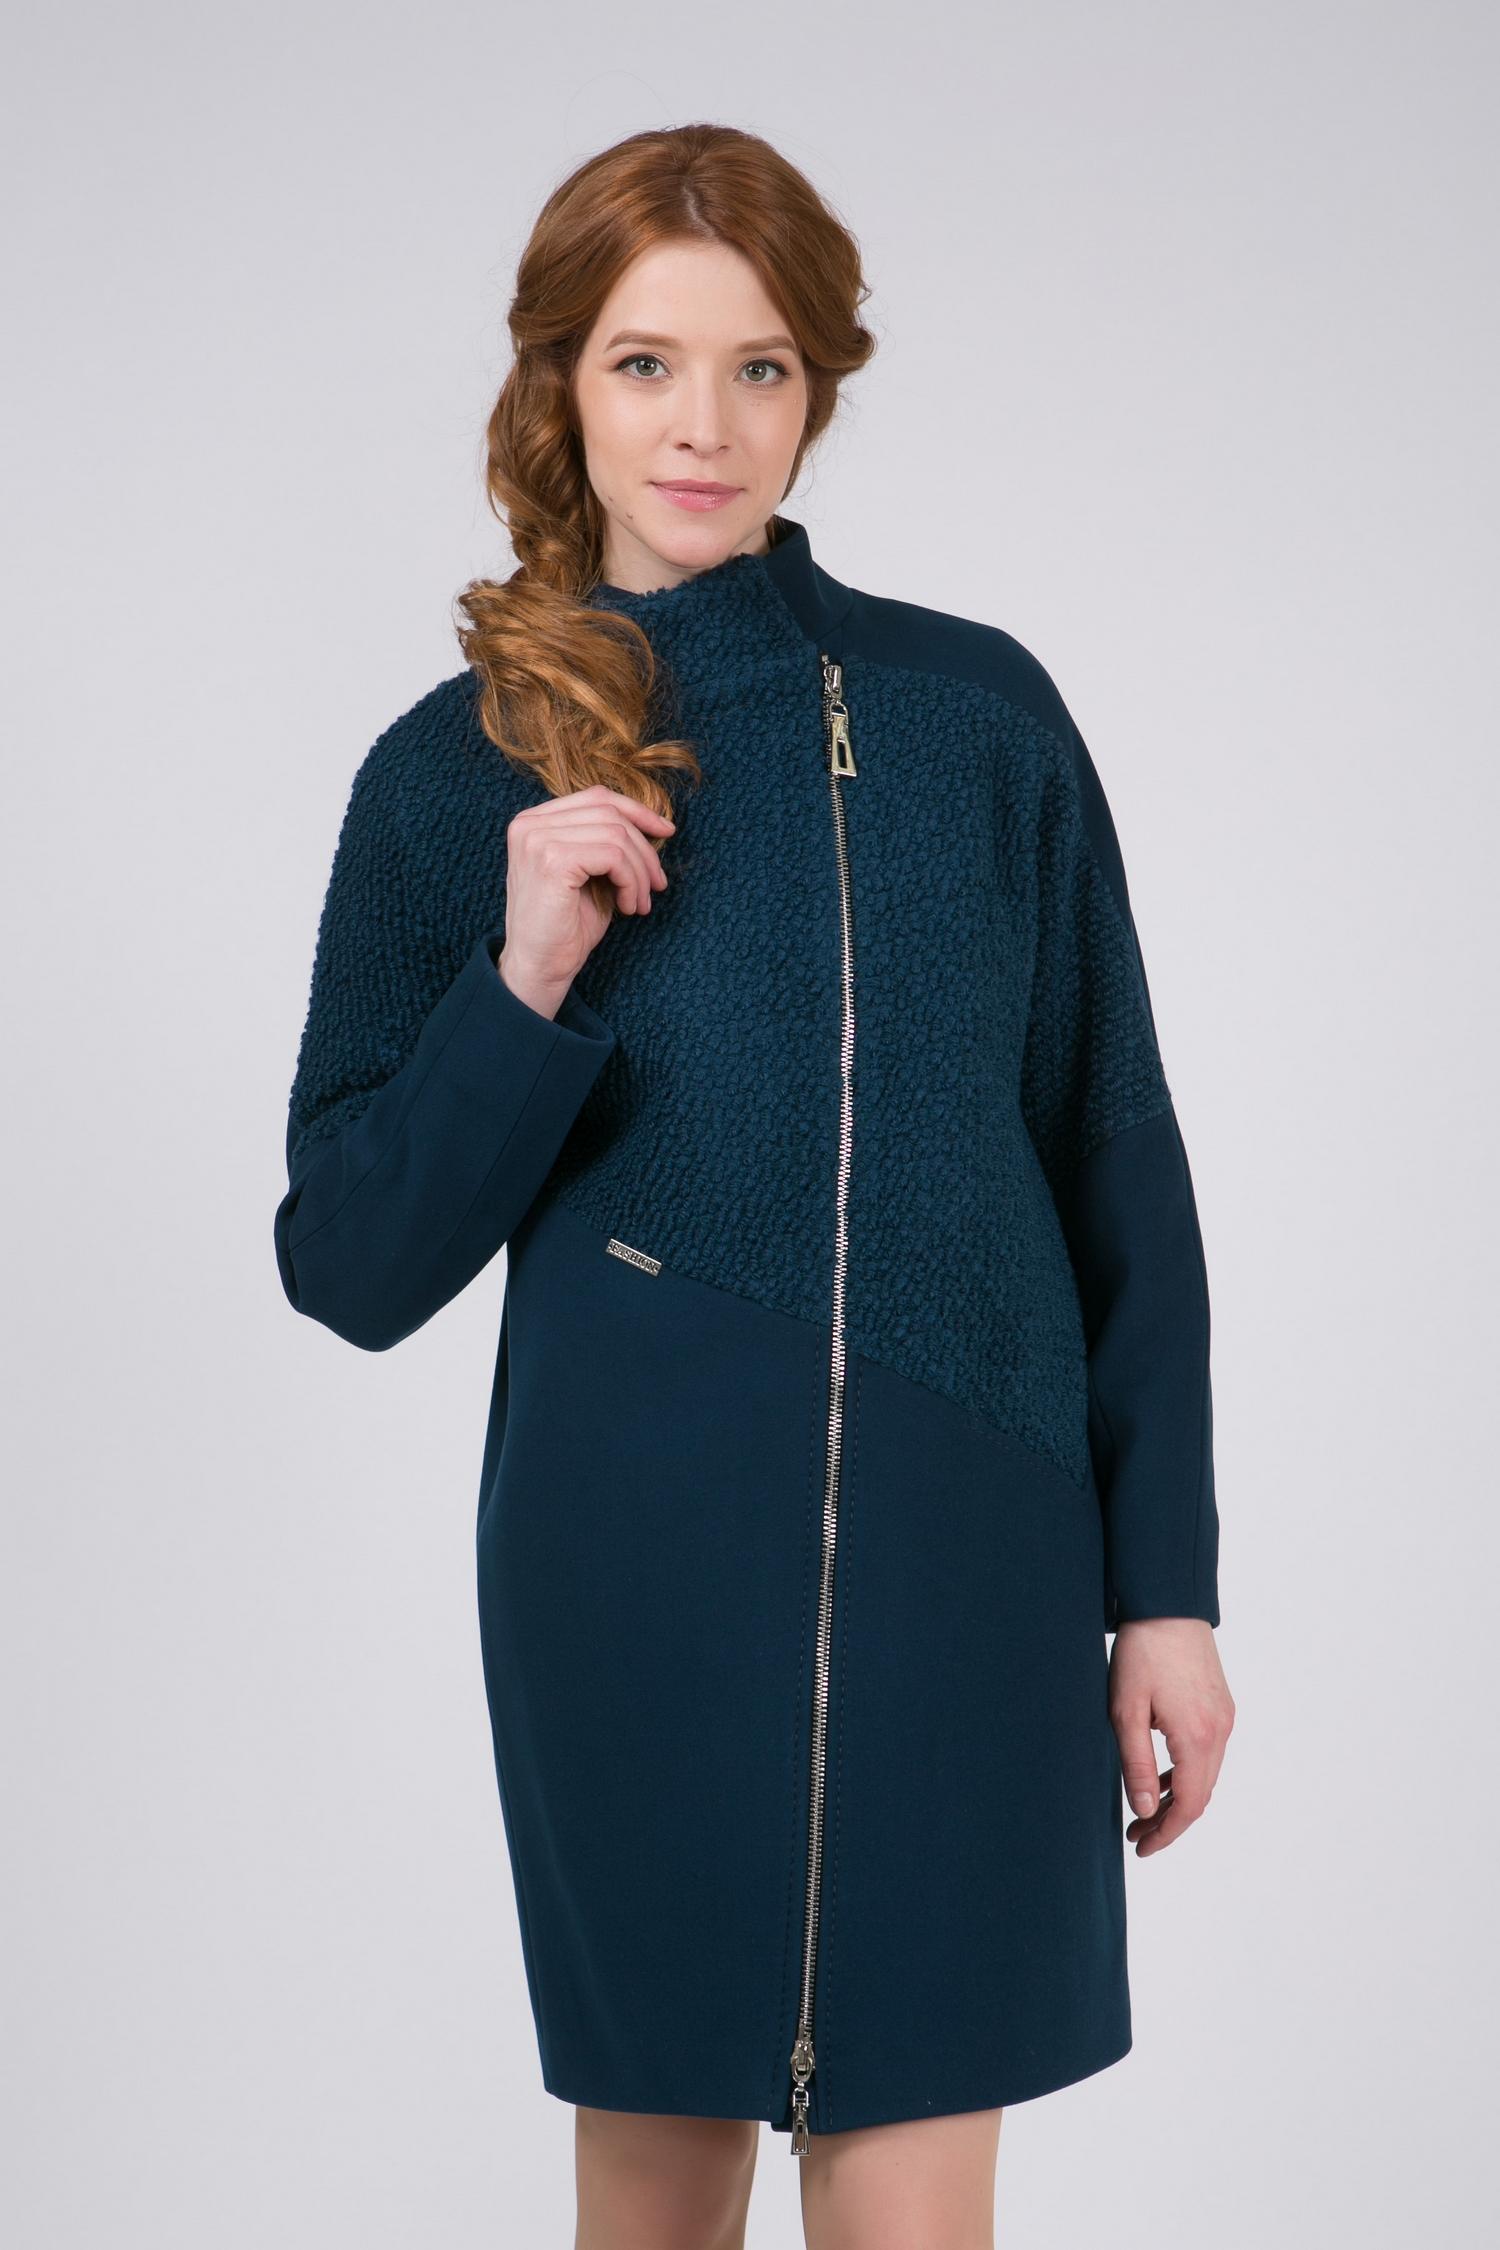 Пальто женское из текстиля с воротником, без отделки<br><br>Воротник: стойка<br>Длина см: Длинная (свыше 90)<br>Материал: Комбинированный состав<br>Цвет: синий<br>Вид застежки: косая<br>Застежка: на молнии<br>Пол: Женский<br>Размер RU: 54